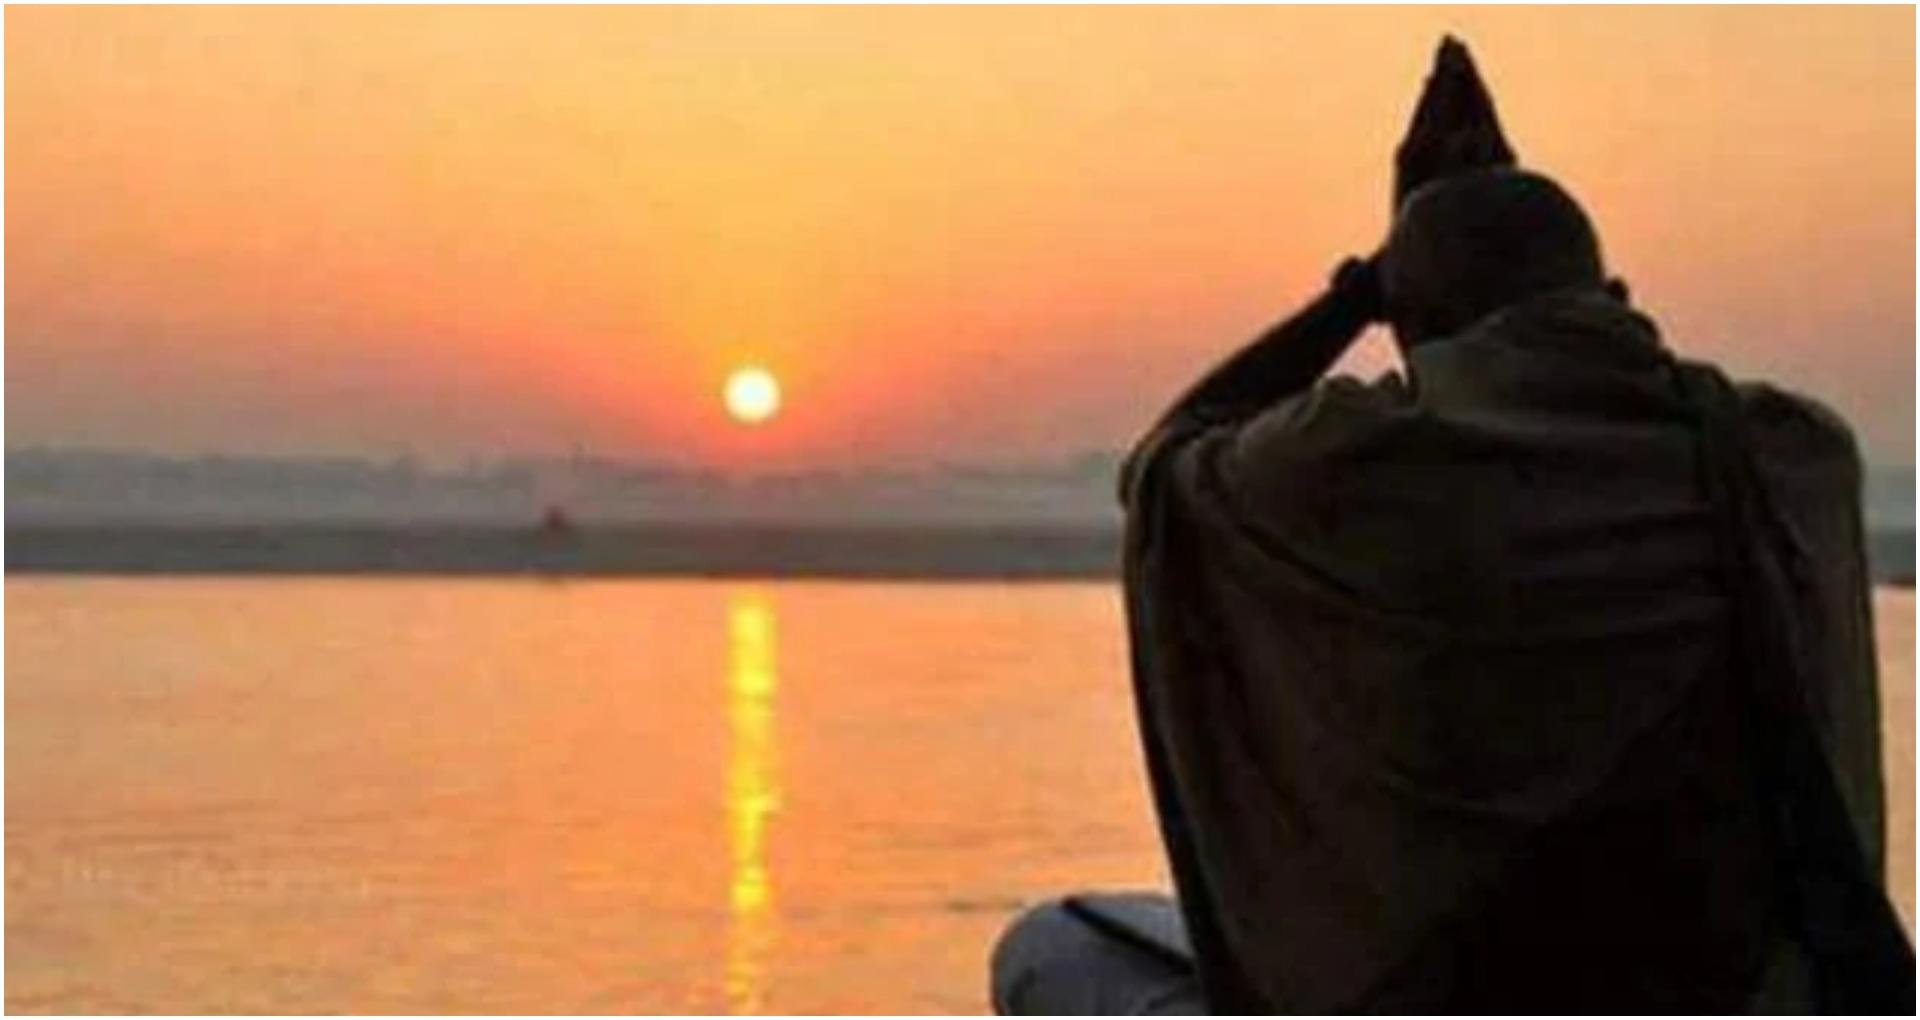 Makar Sankranti 2020 Date: मकर संक्रांति आज, जाने शुभ मुहूर्त, स्नान और पूजा का समय